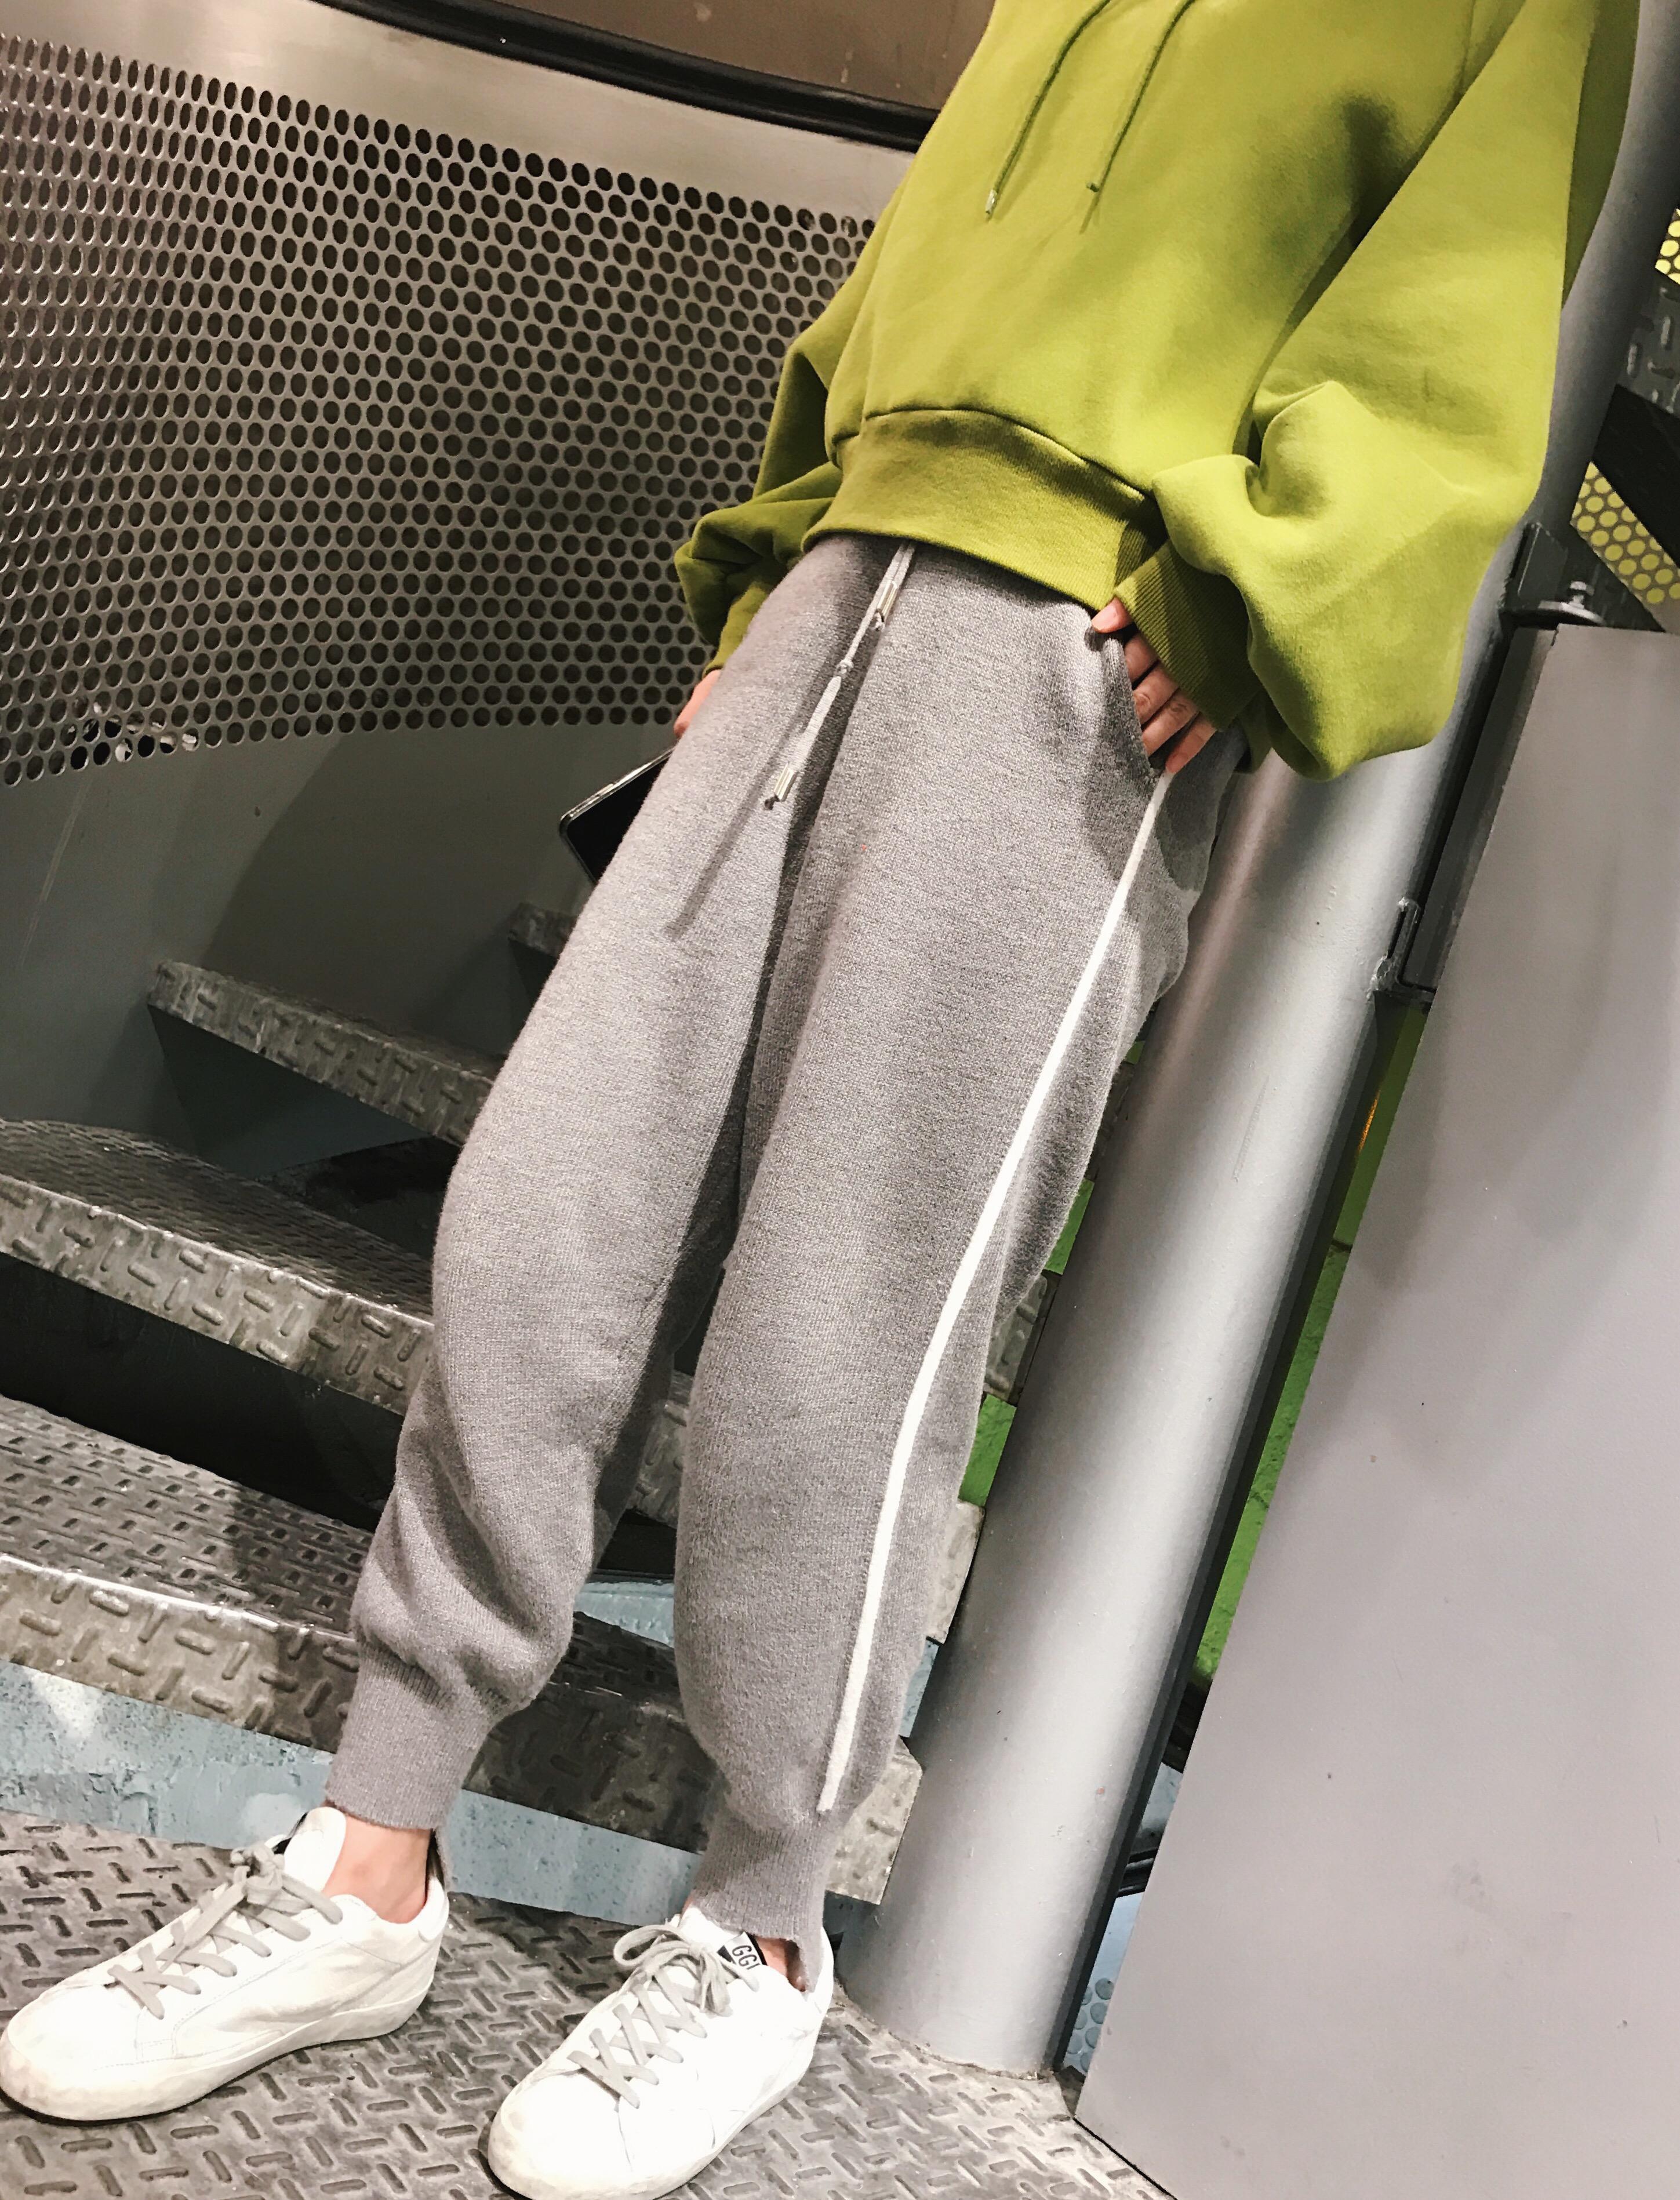 钱夫人CHINSTUDIO 冬季宽松针织哈伦裤女学生休闲裤长裤子束脚裤